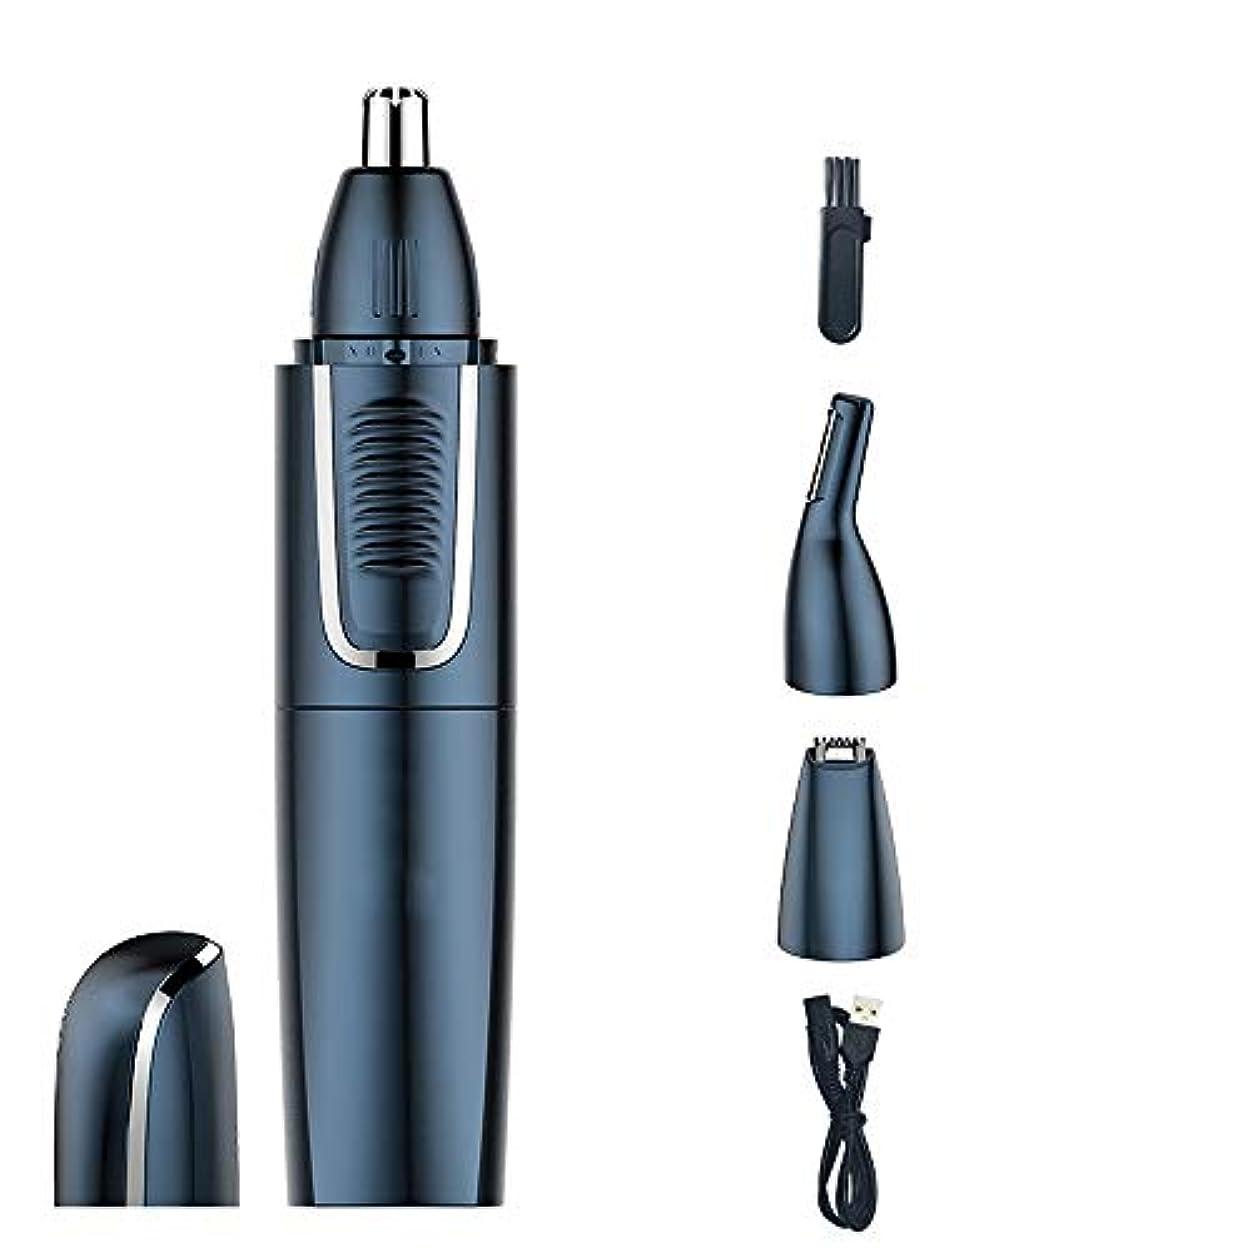 合理化不調和忌まわしい鼻毛トリマー-安全マニュアルステンレススチールメンズラウンドヘッドハサミ/多機能鼻毛トリマー/ 360°垂直ネットカッターヘッド/高さ135mm 軽度の脱毛